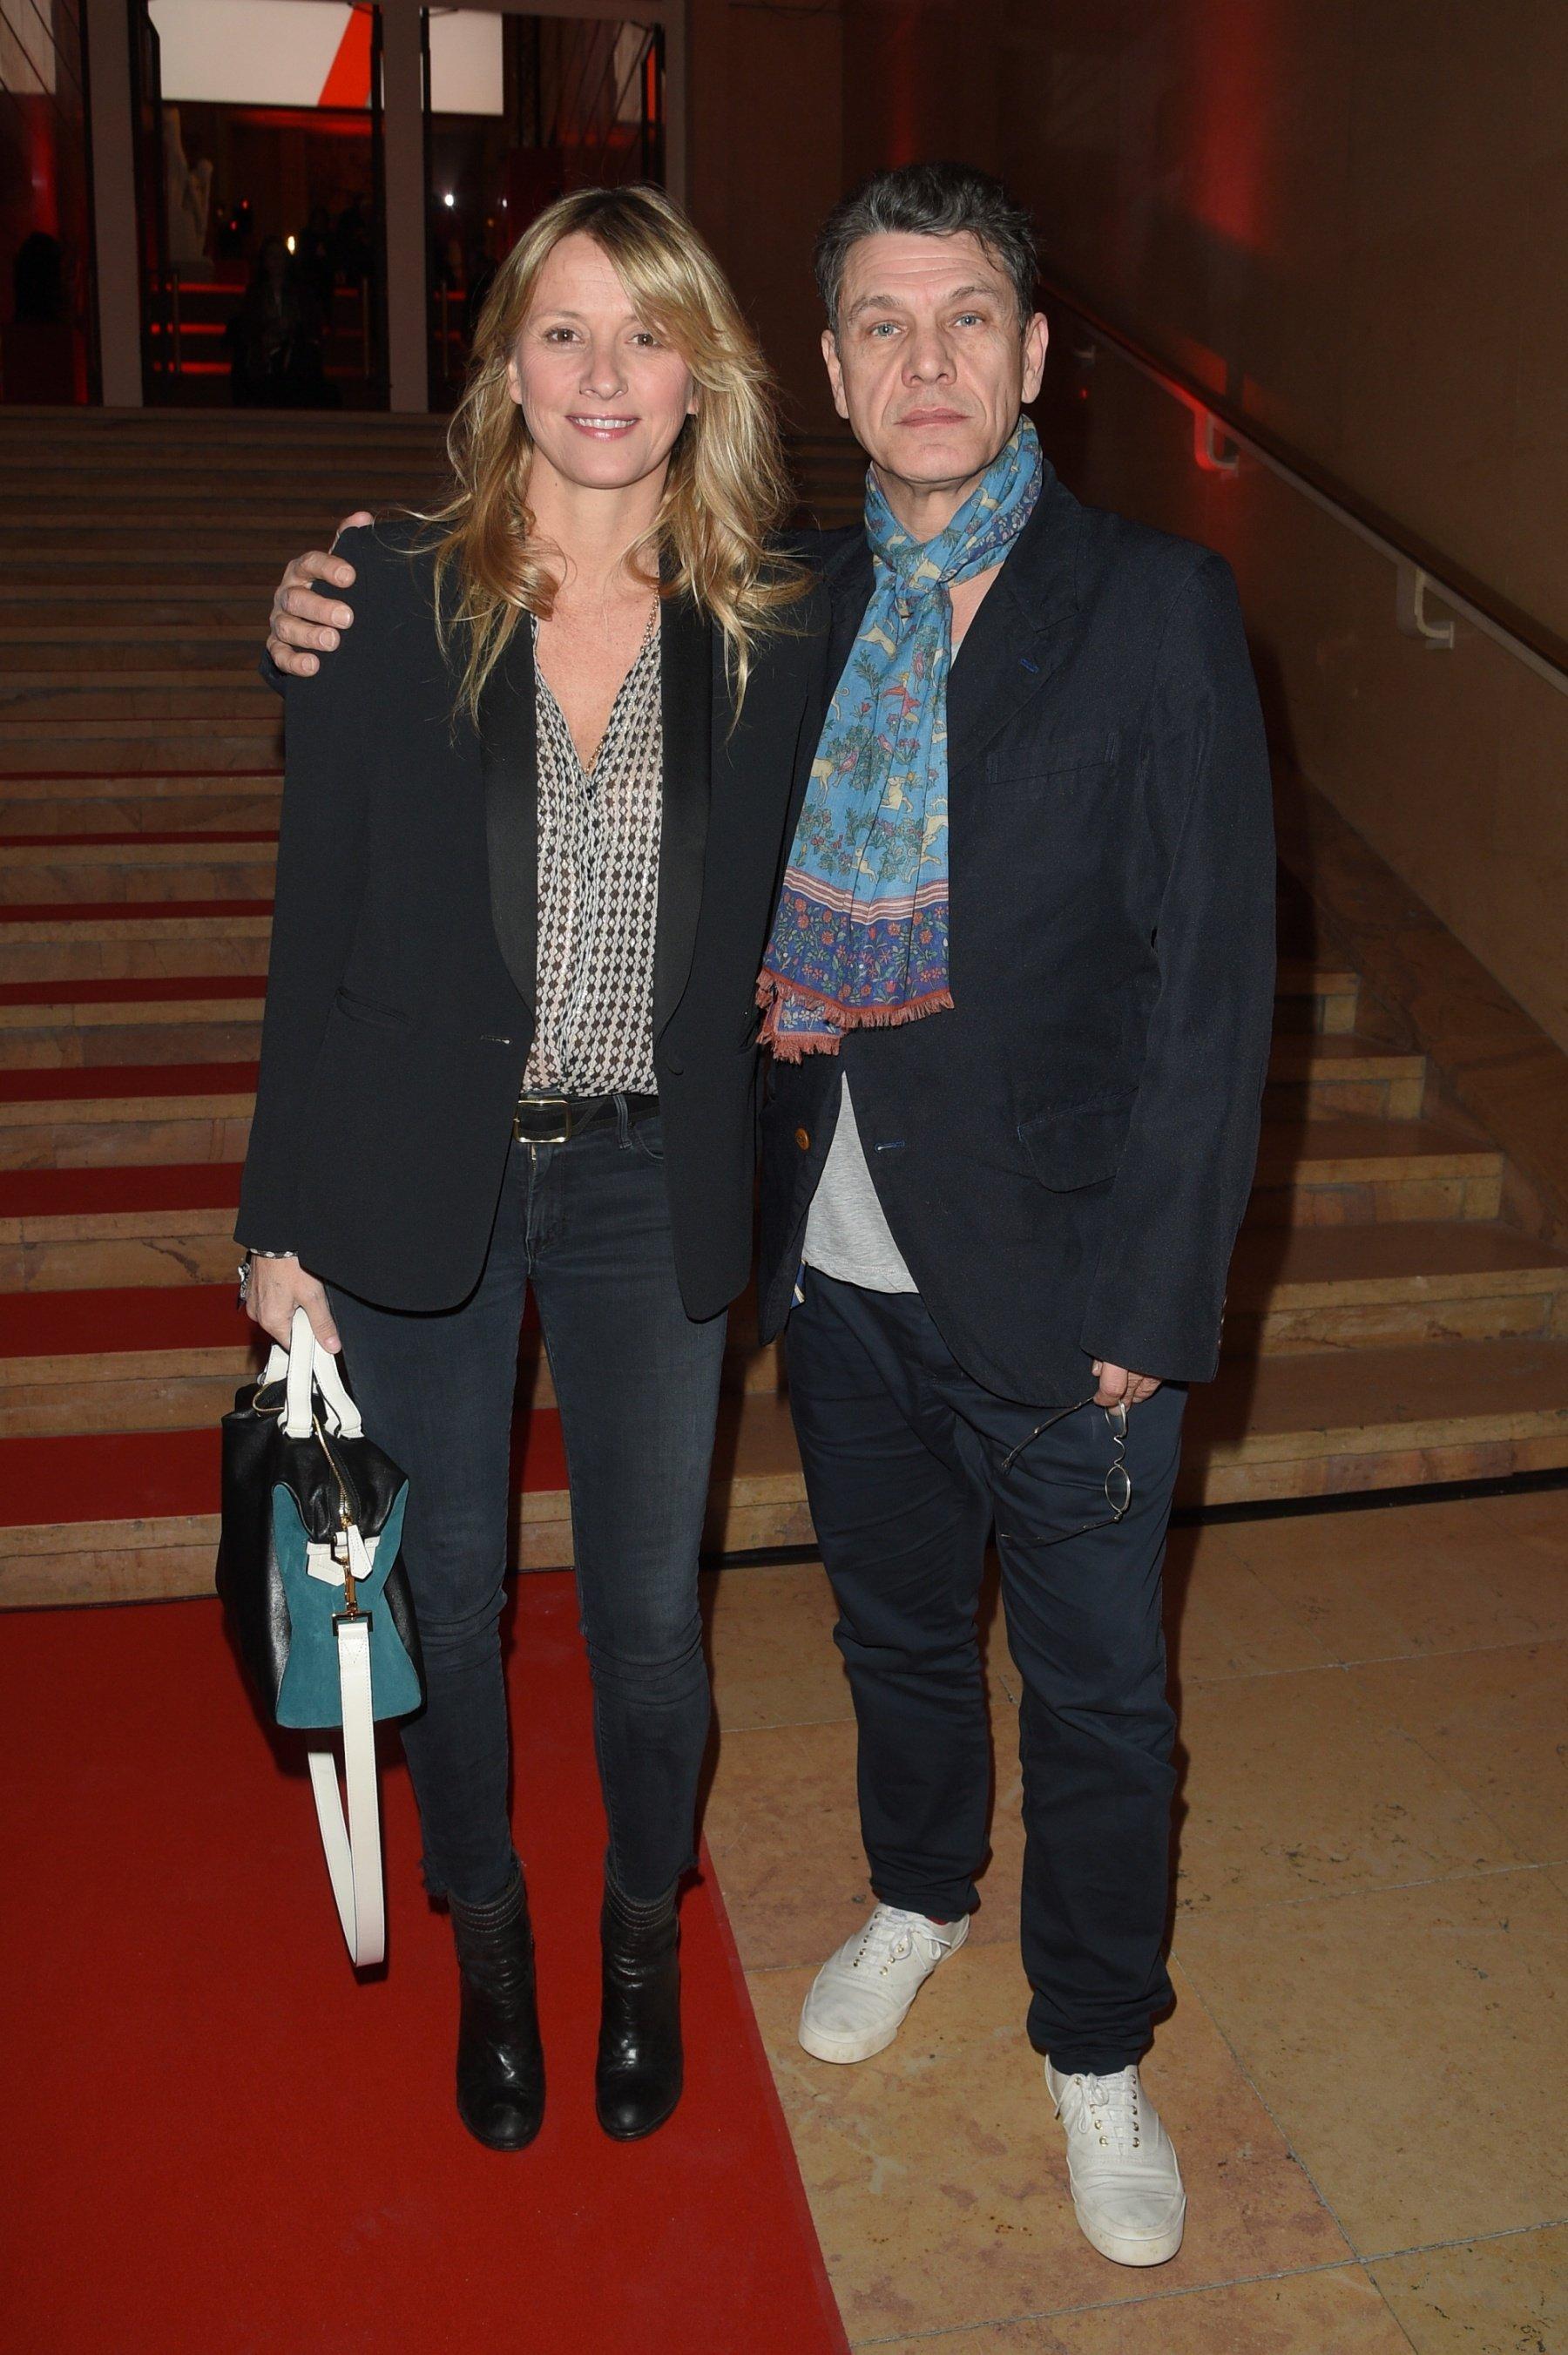 Marc Lavoine Et Sarah Divorcent Apres 22 Ans De Mariage